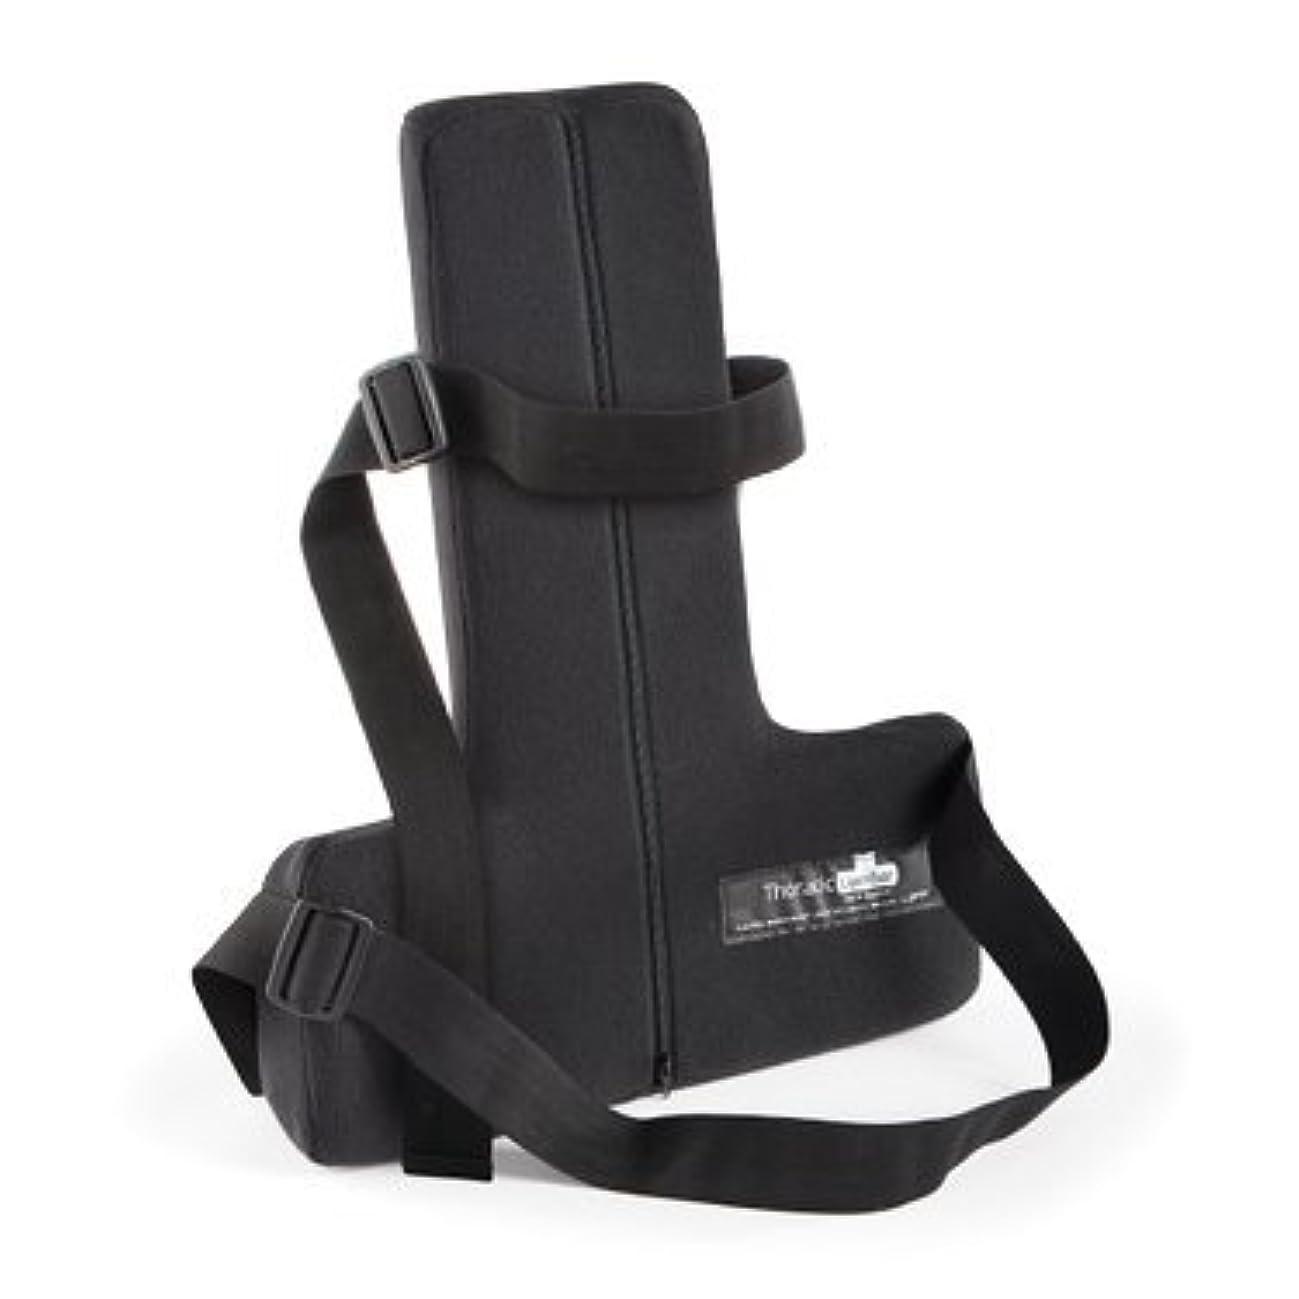 交換可能ぴったり有力者オーピーティー 自宅 車内 オフィス 椅子腰椎サポート 正しい姿勢で背中 肩 首への負担を減らすクッション